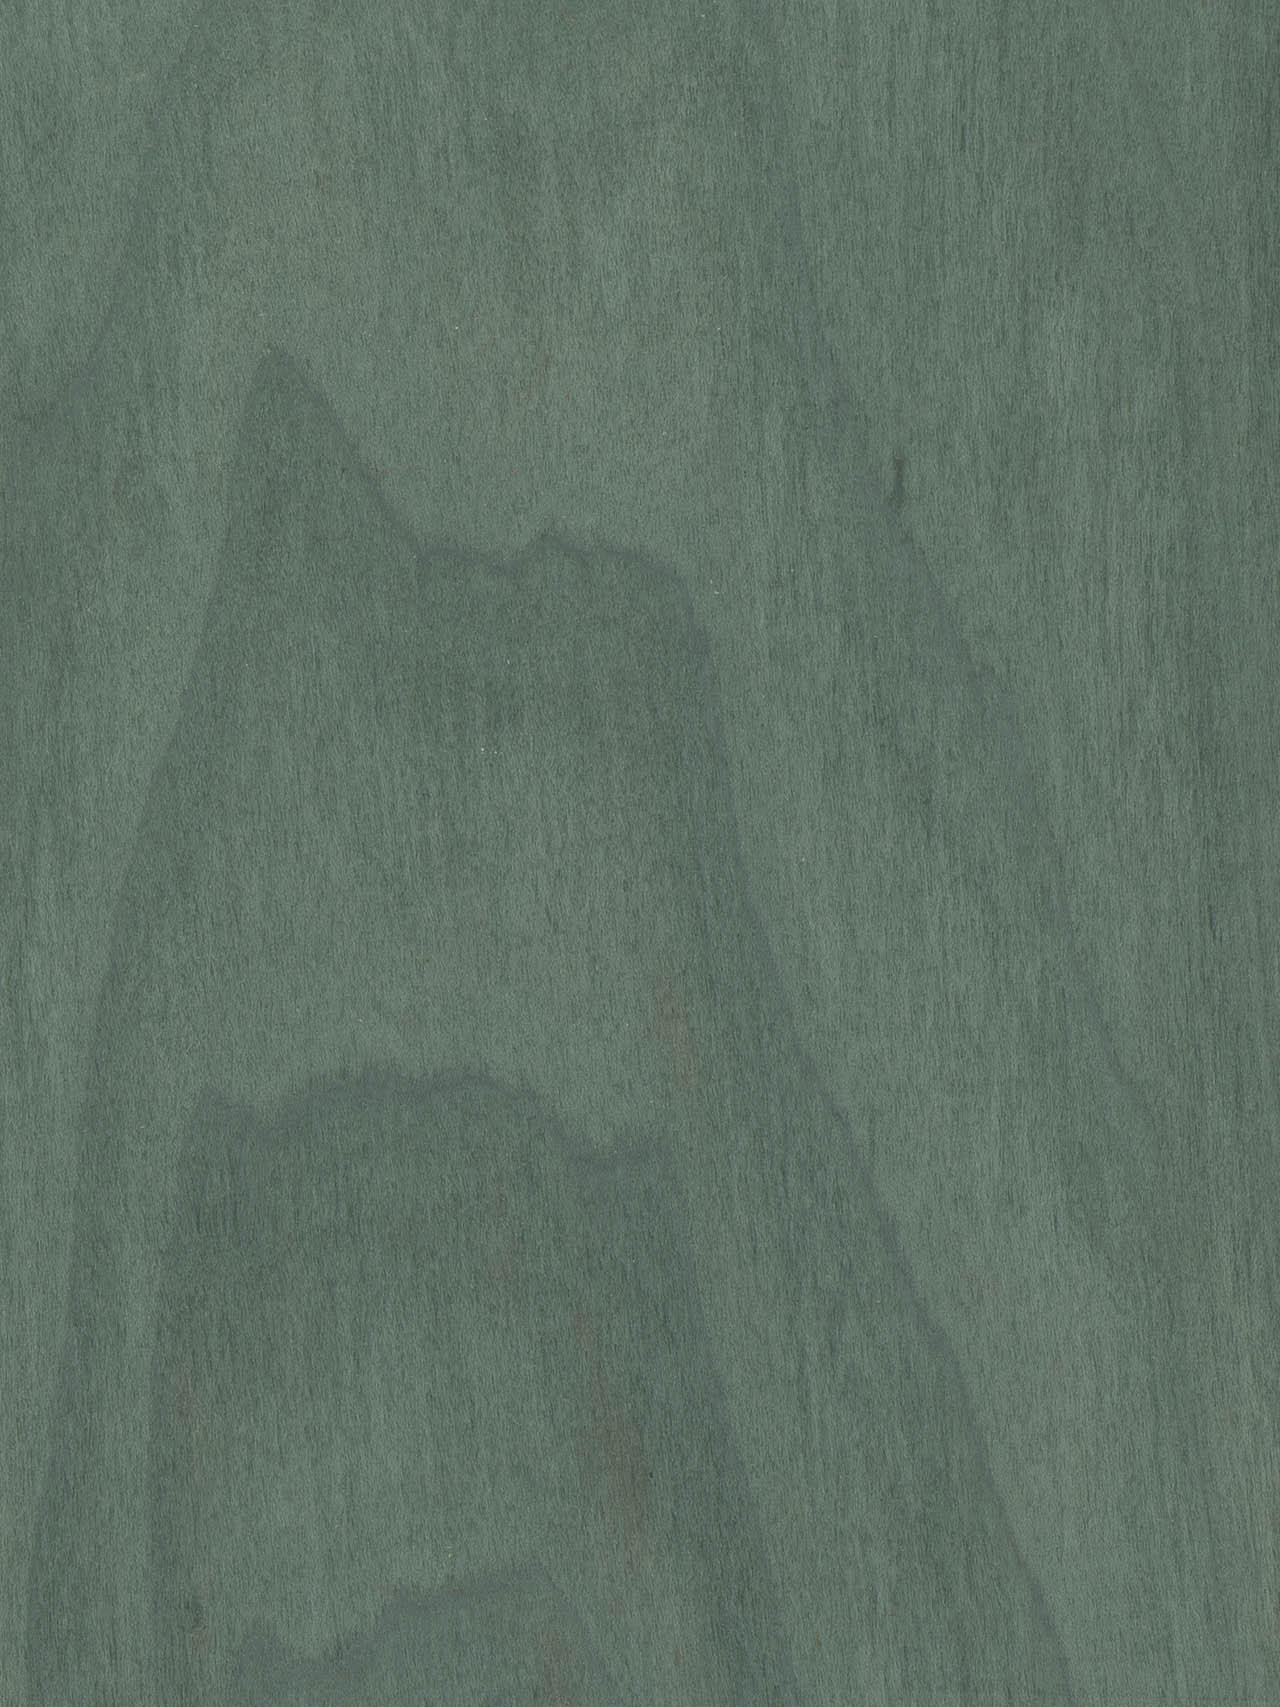 Chapa de madera Tulipié Esmeralda VAF102 Losán